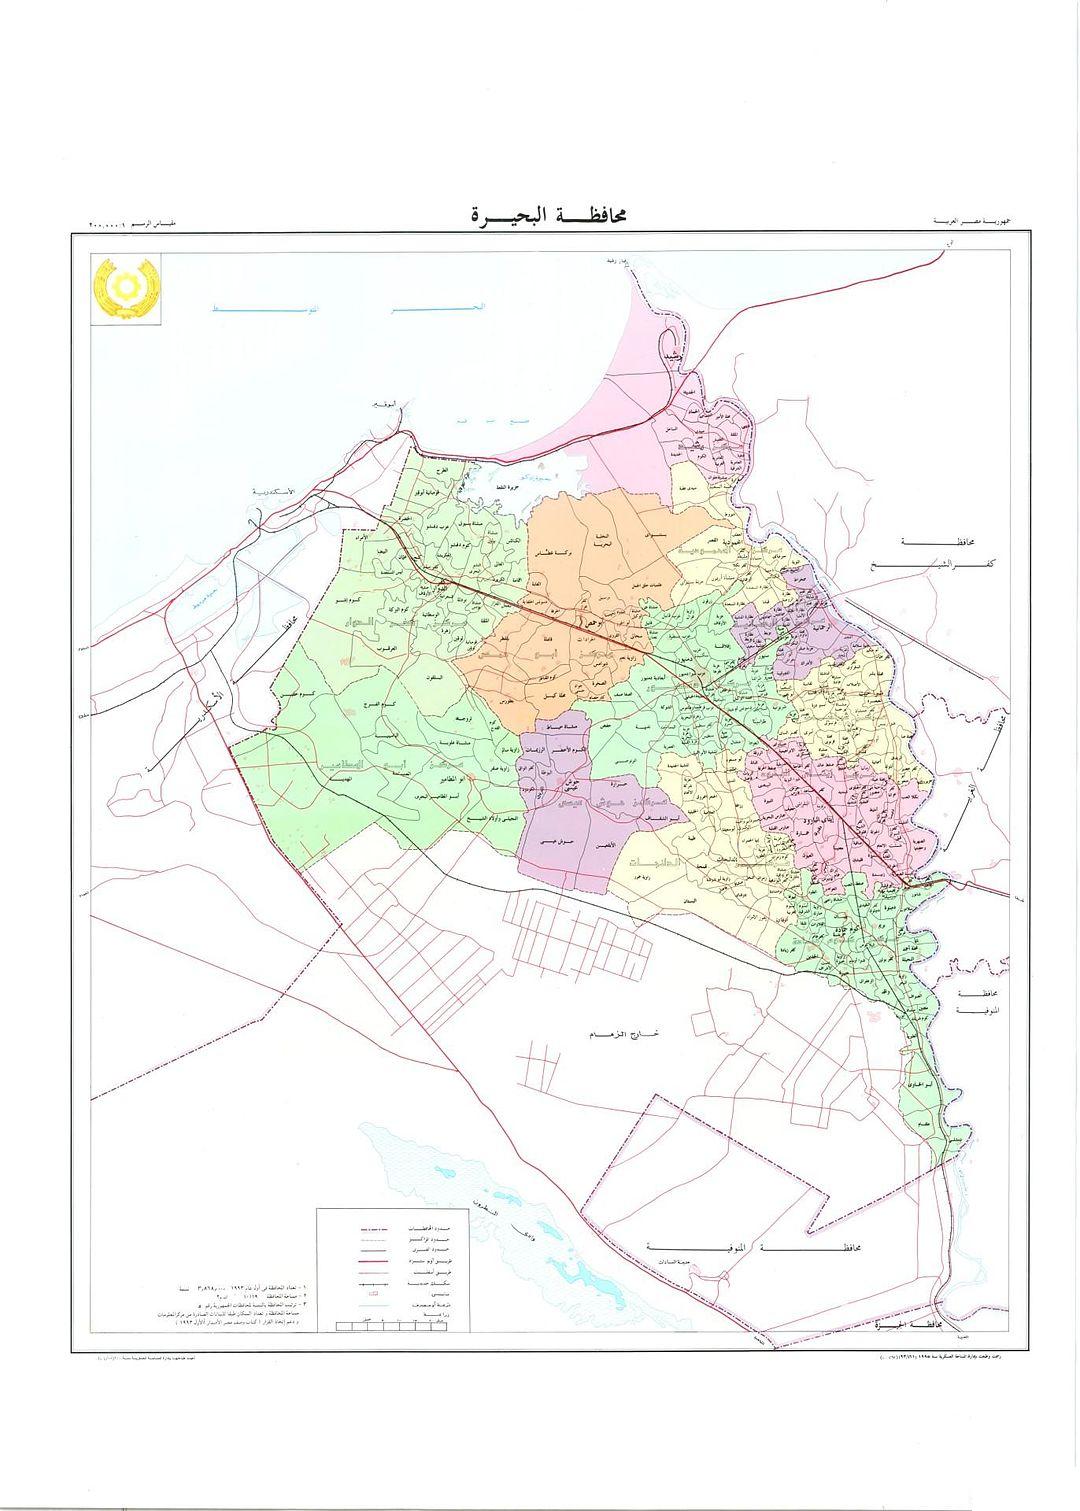 الجغرافيا دراسات و أبحاث جغرافية خريطة محافظة البحيرة مصر Map Blog Posts Geography